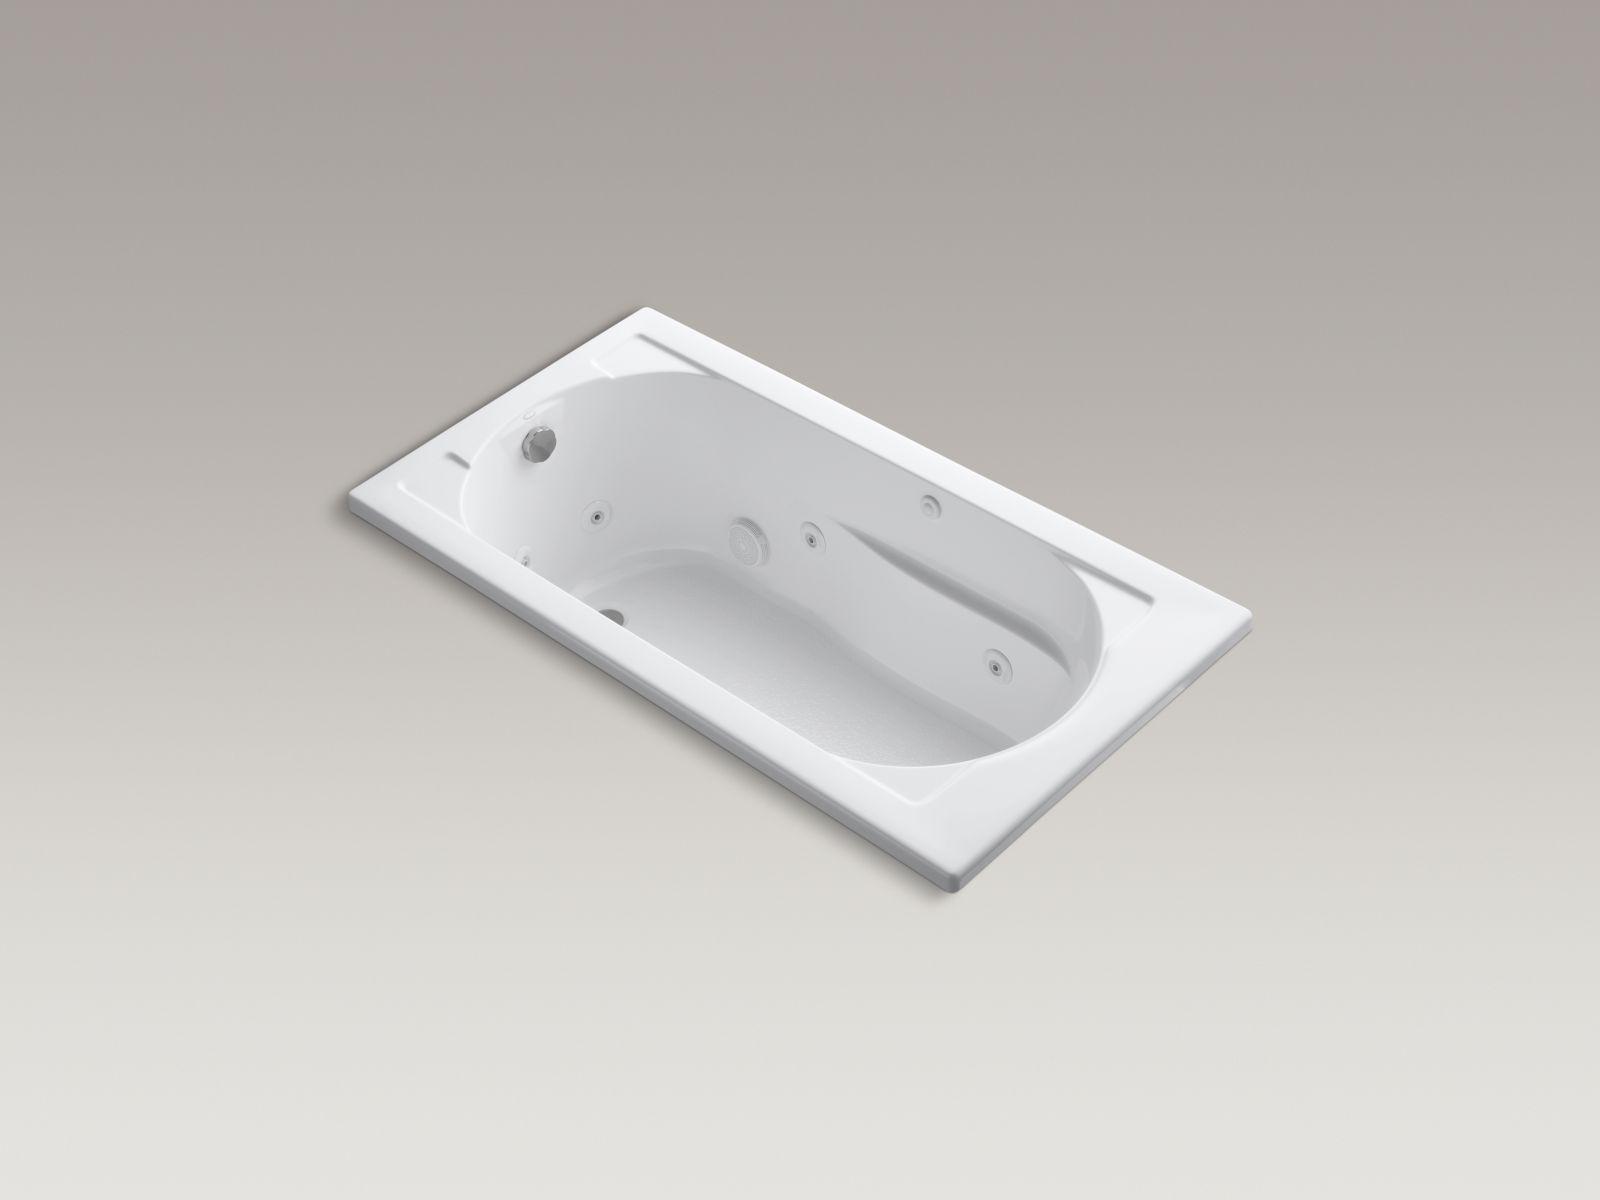 Kohler K-1357-0 Devonshire 5' Whirlpool with Reversible Drain White